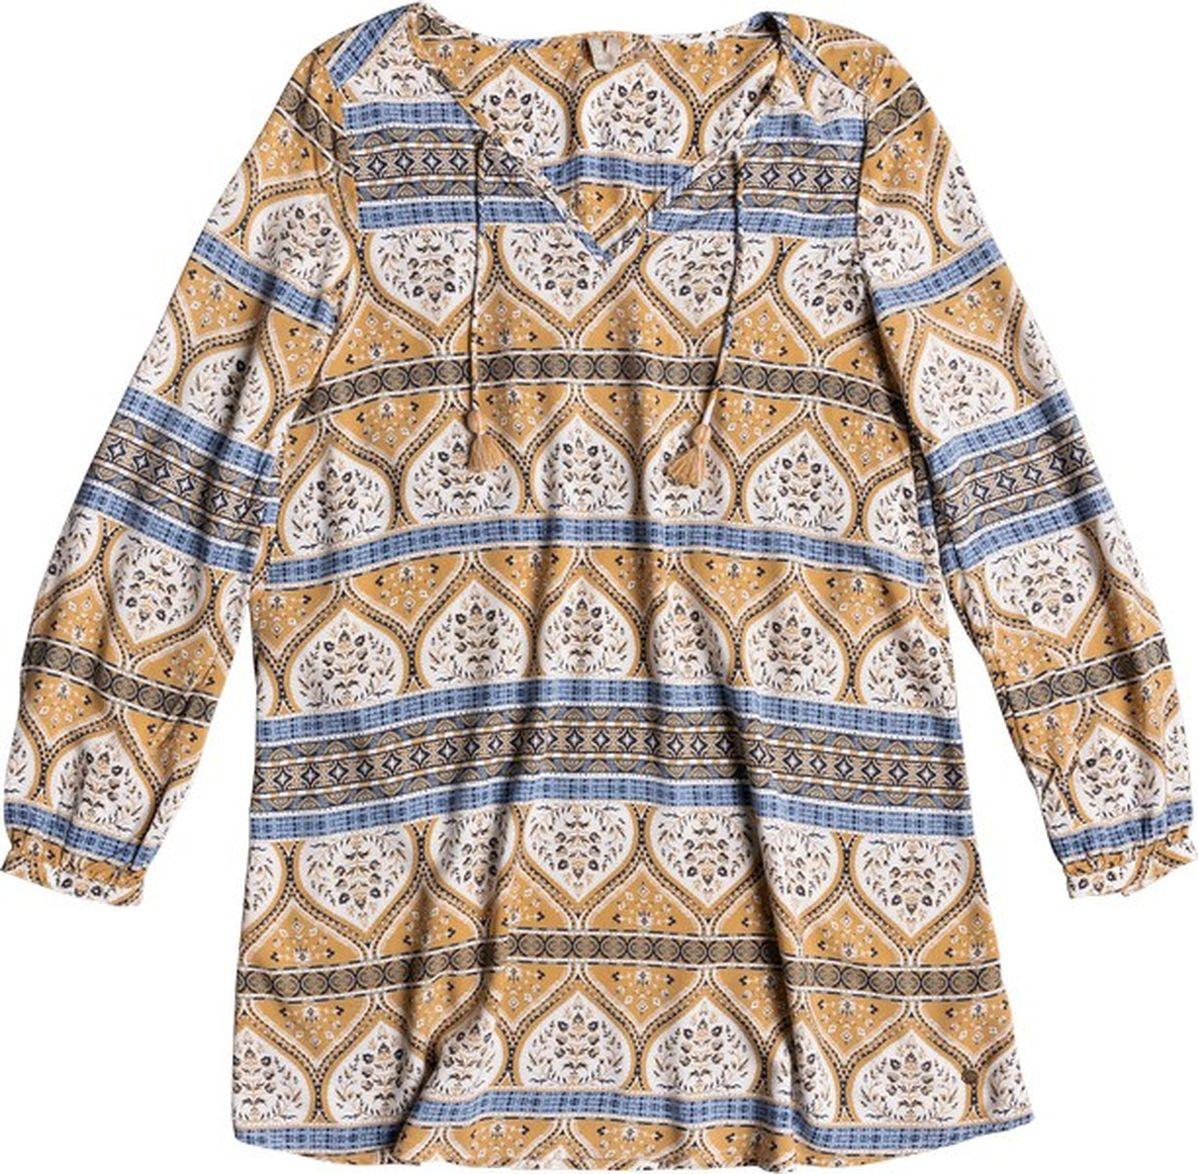 Платье Roxy, цвет: коричневый, белый, синий. ERJWD03201-WBT2. Размер XL (48) платье детское roxy full morning sky